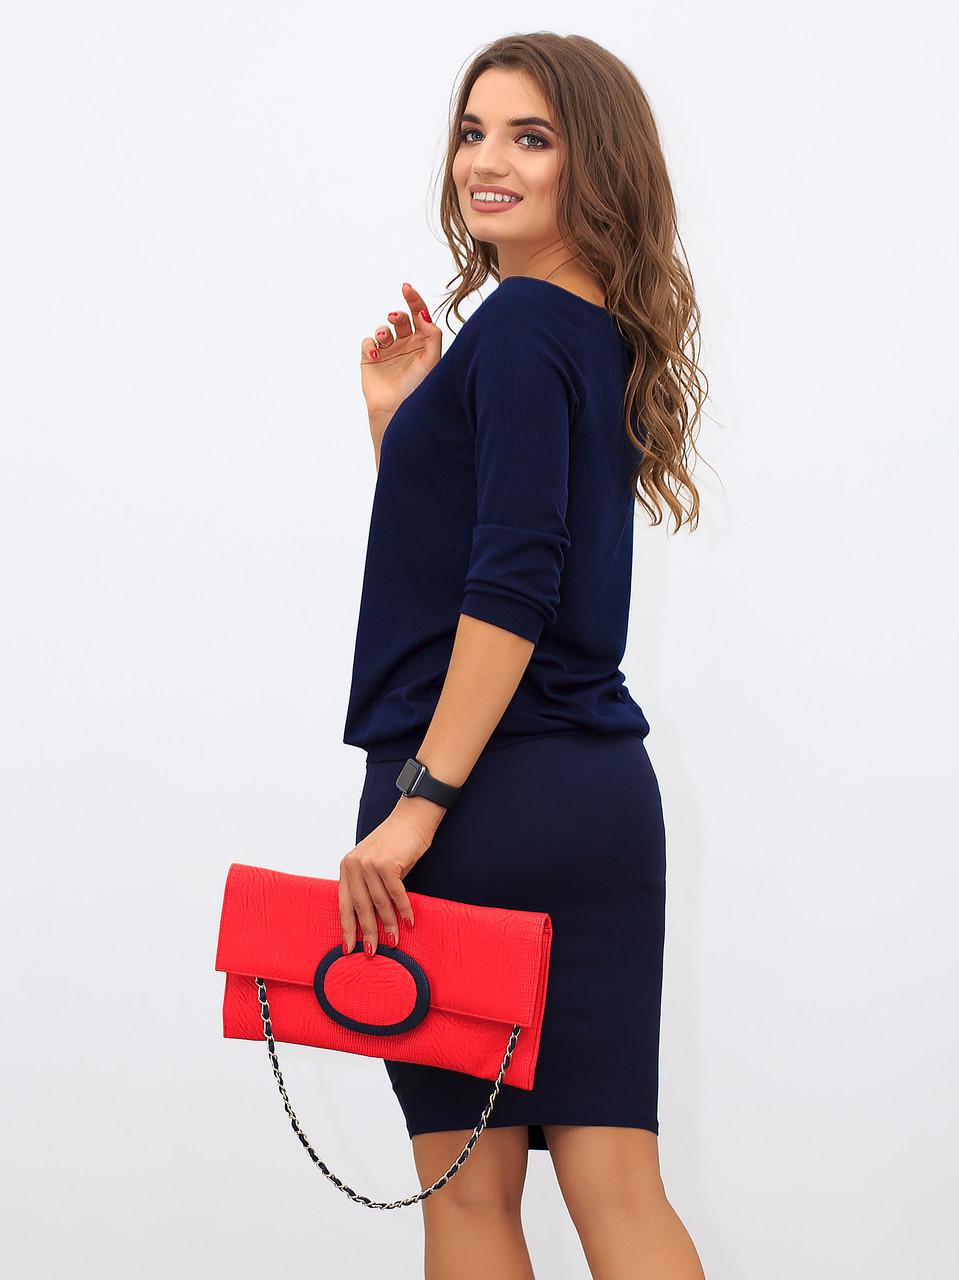 Женская синяя блузка, ткань мелкий рубчик